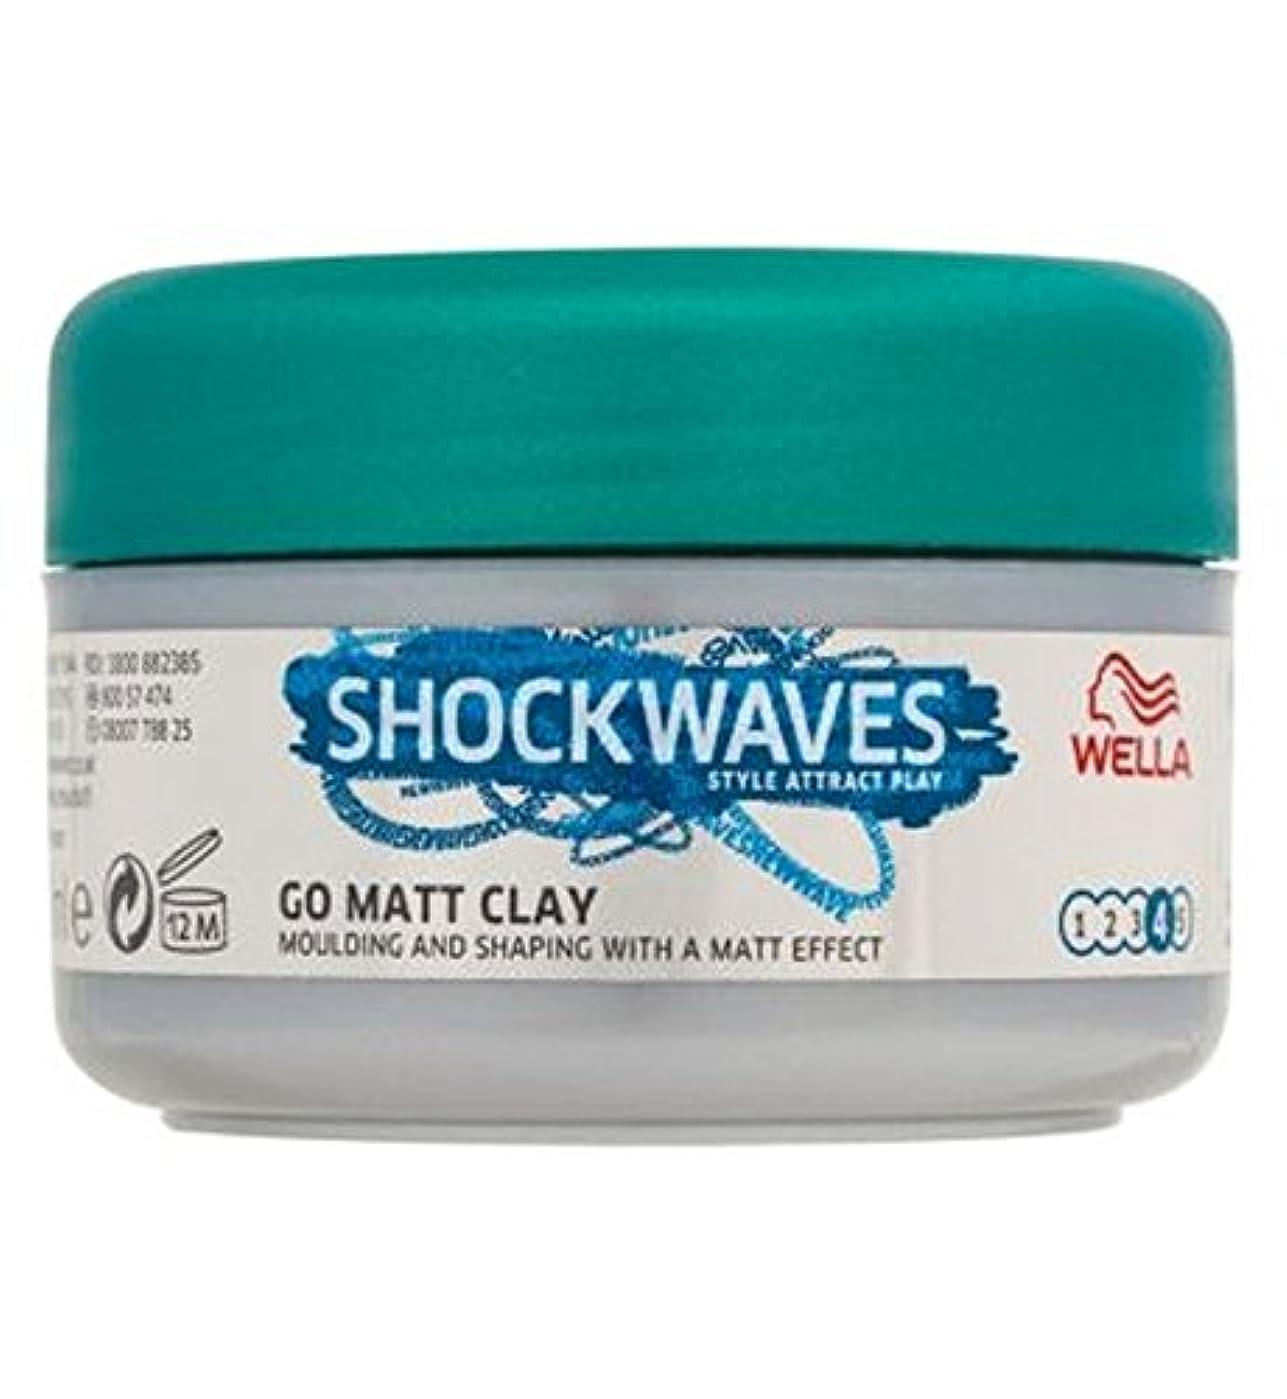 外科医収入ロードブロッキングウエラの衝撃波の外向性はマット粘土75ミリリットルを行きます (Wella Shockwaves) (x2) - Wella Shockwaves Extrovert Go Matt Clay 75ml (Pack of...